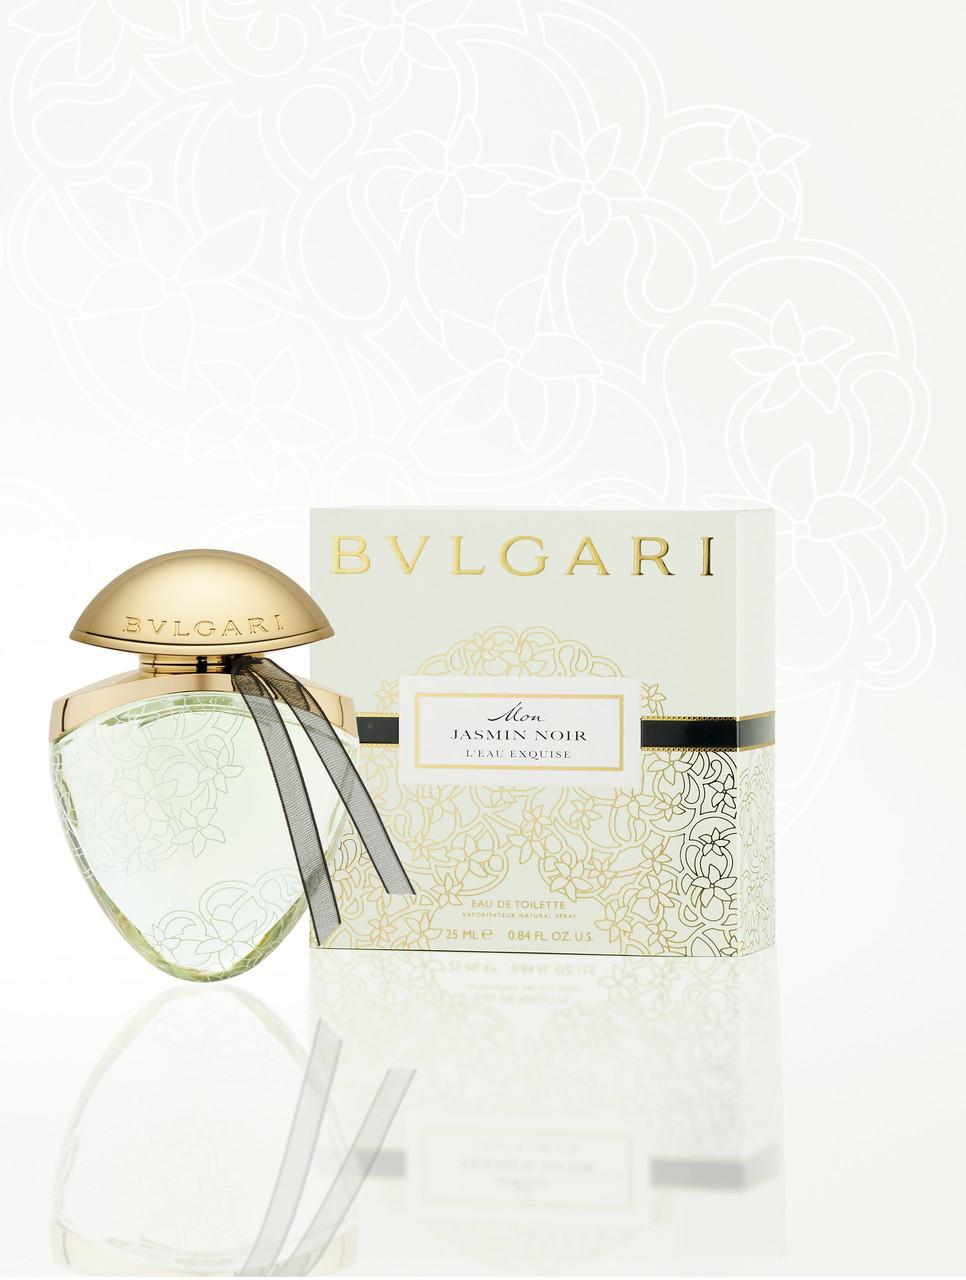 (ОАЭ) Bvlgari / Булгари - Mon Jasmin Noir L'eau Exquise 75мл. Женские - Сеть Ricco Shop в Киеве